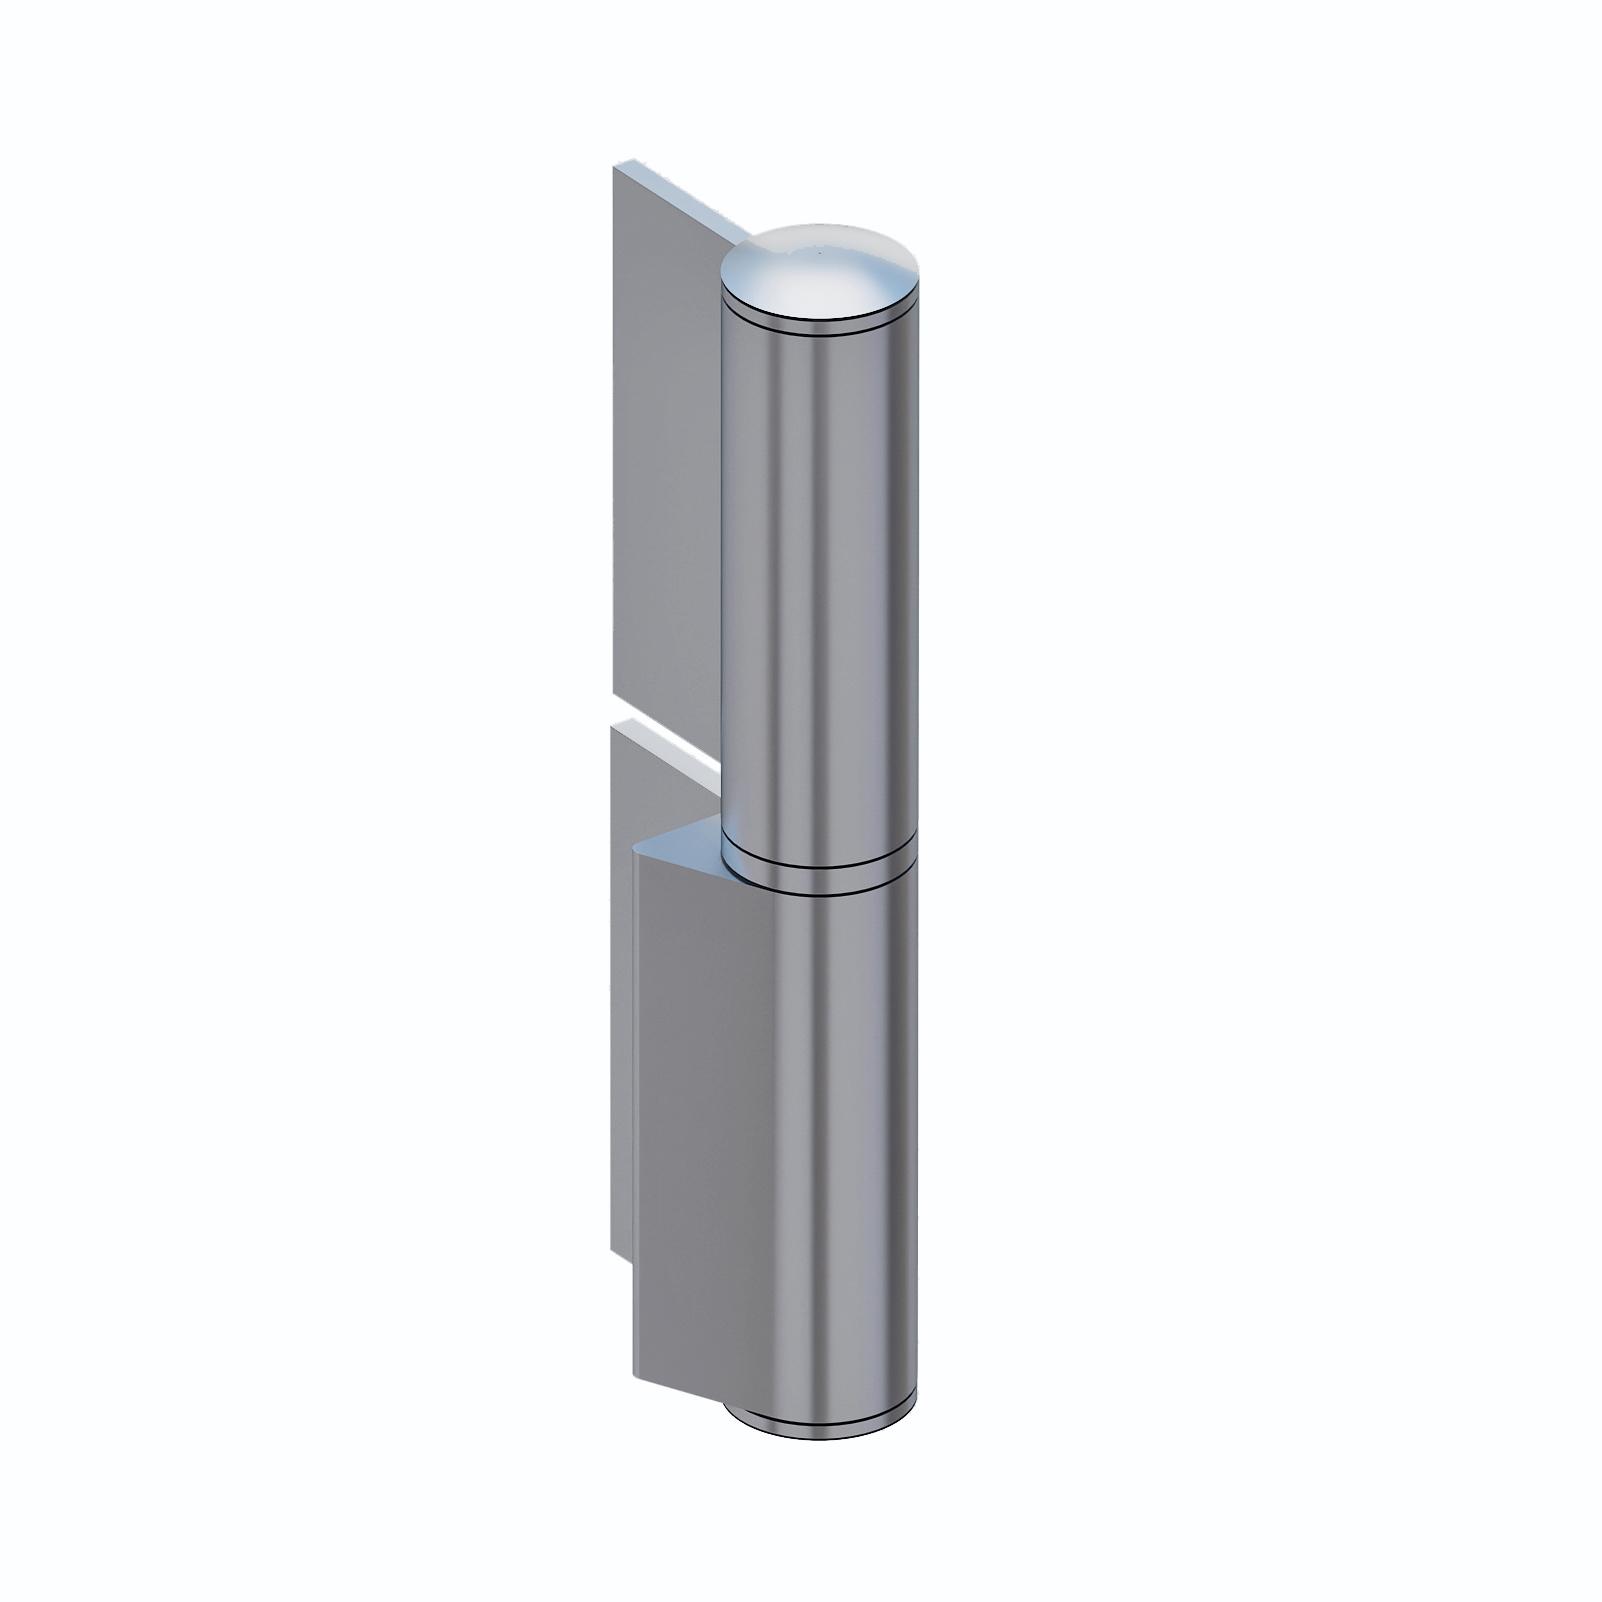 Biloba Evo Frame – Ahşap ve Alüminyum Çerçeveli Kapılar İçin Hidrolik Menteşe